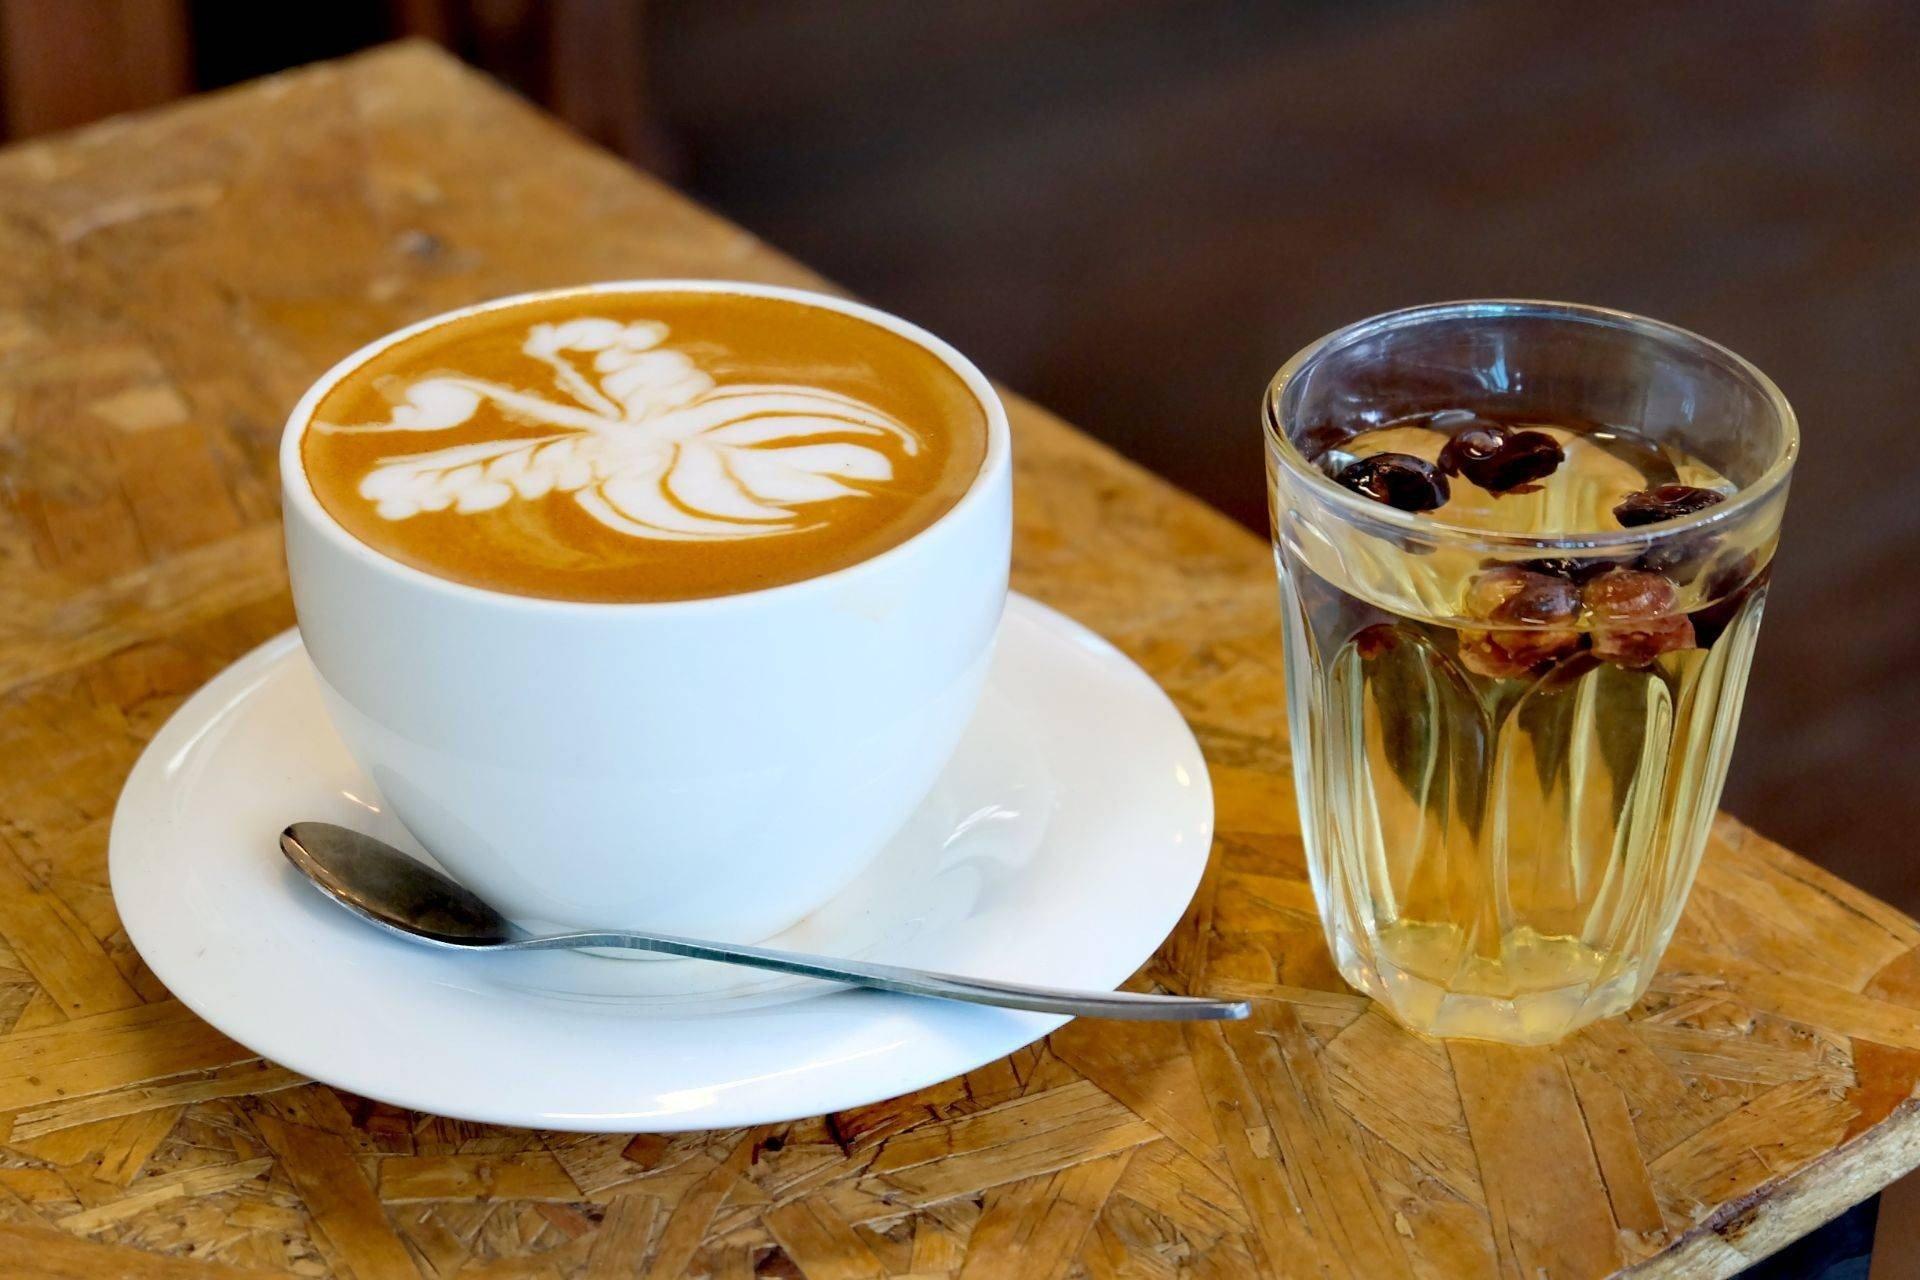 เสริฟพร้อมชาเปลือกกาแฟ